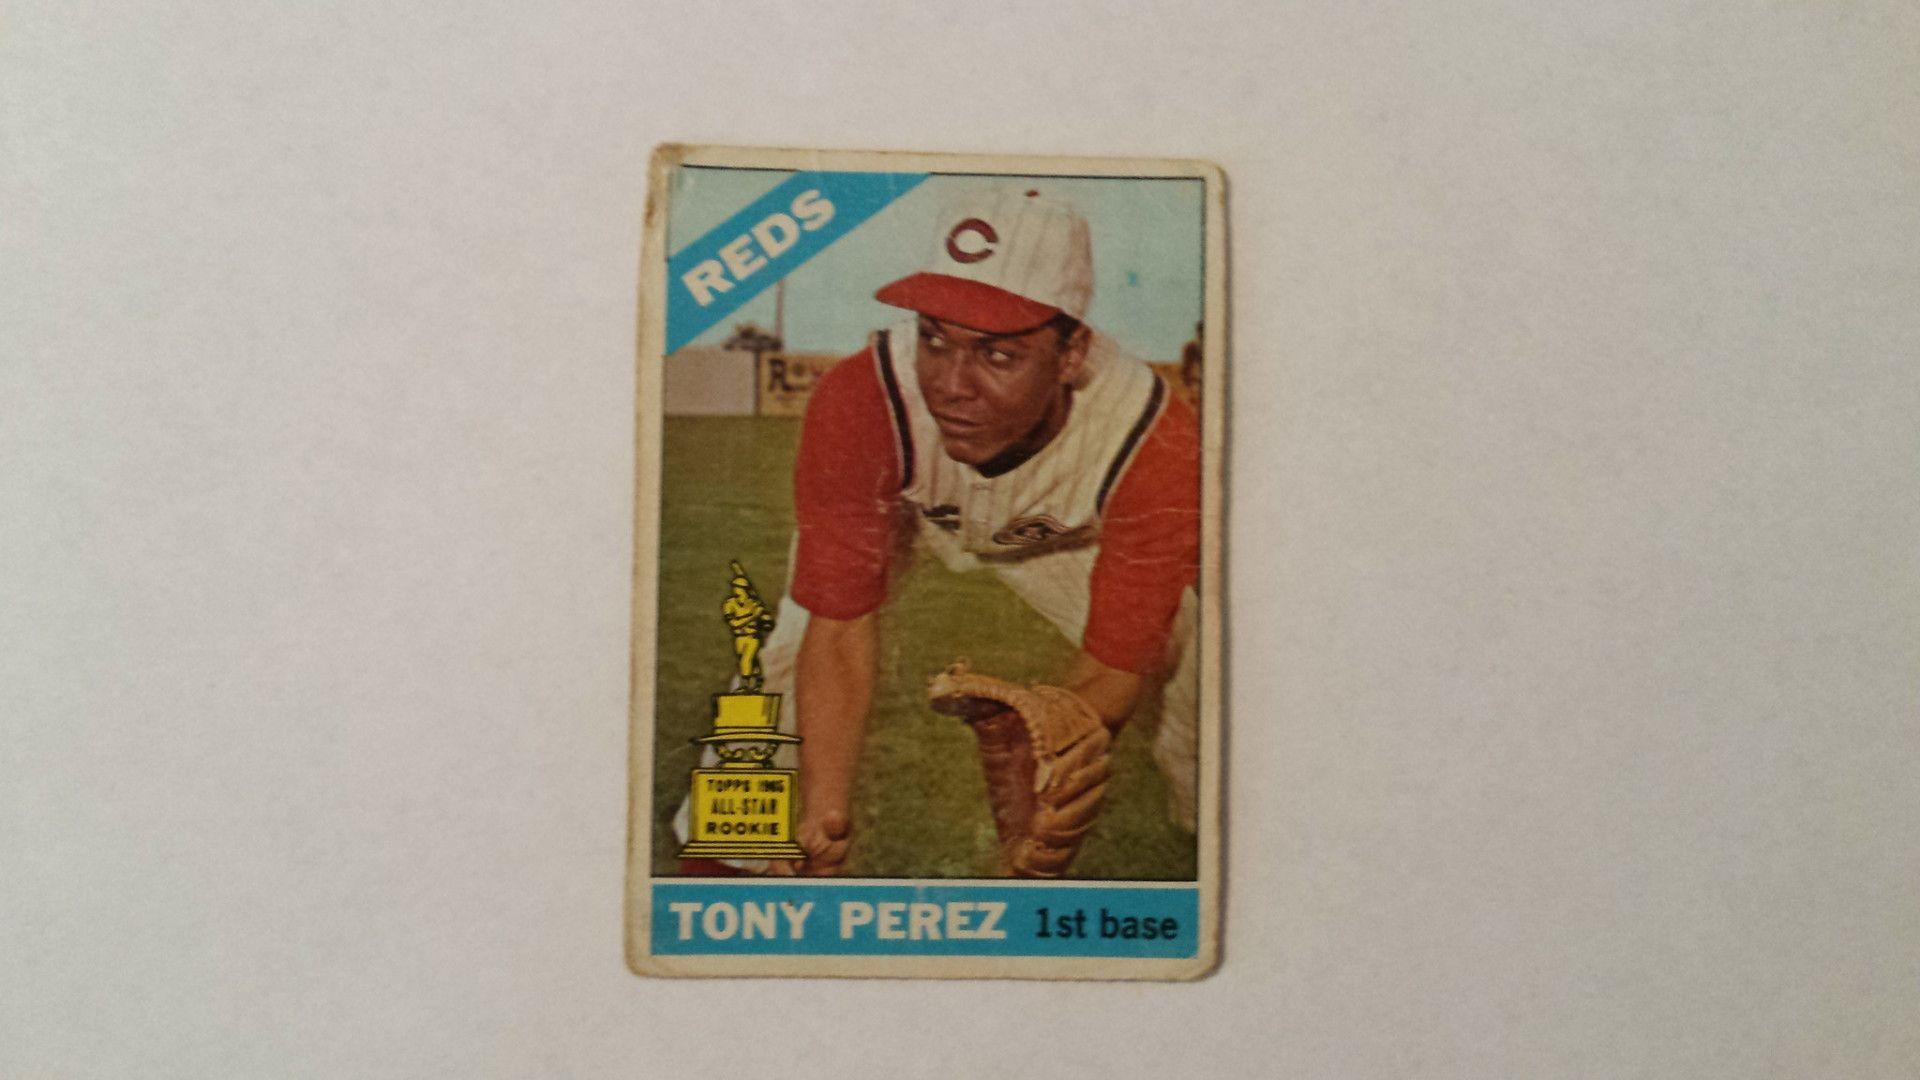 1966 Topps Tony Perez single baseball card